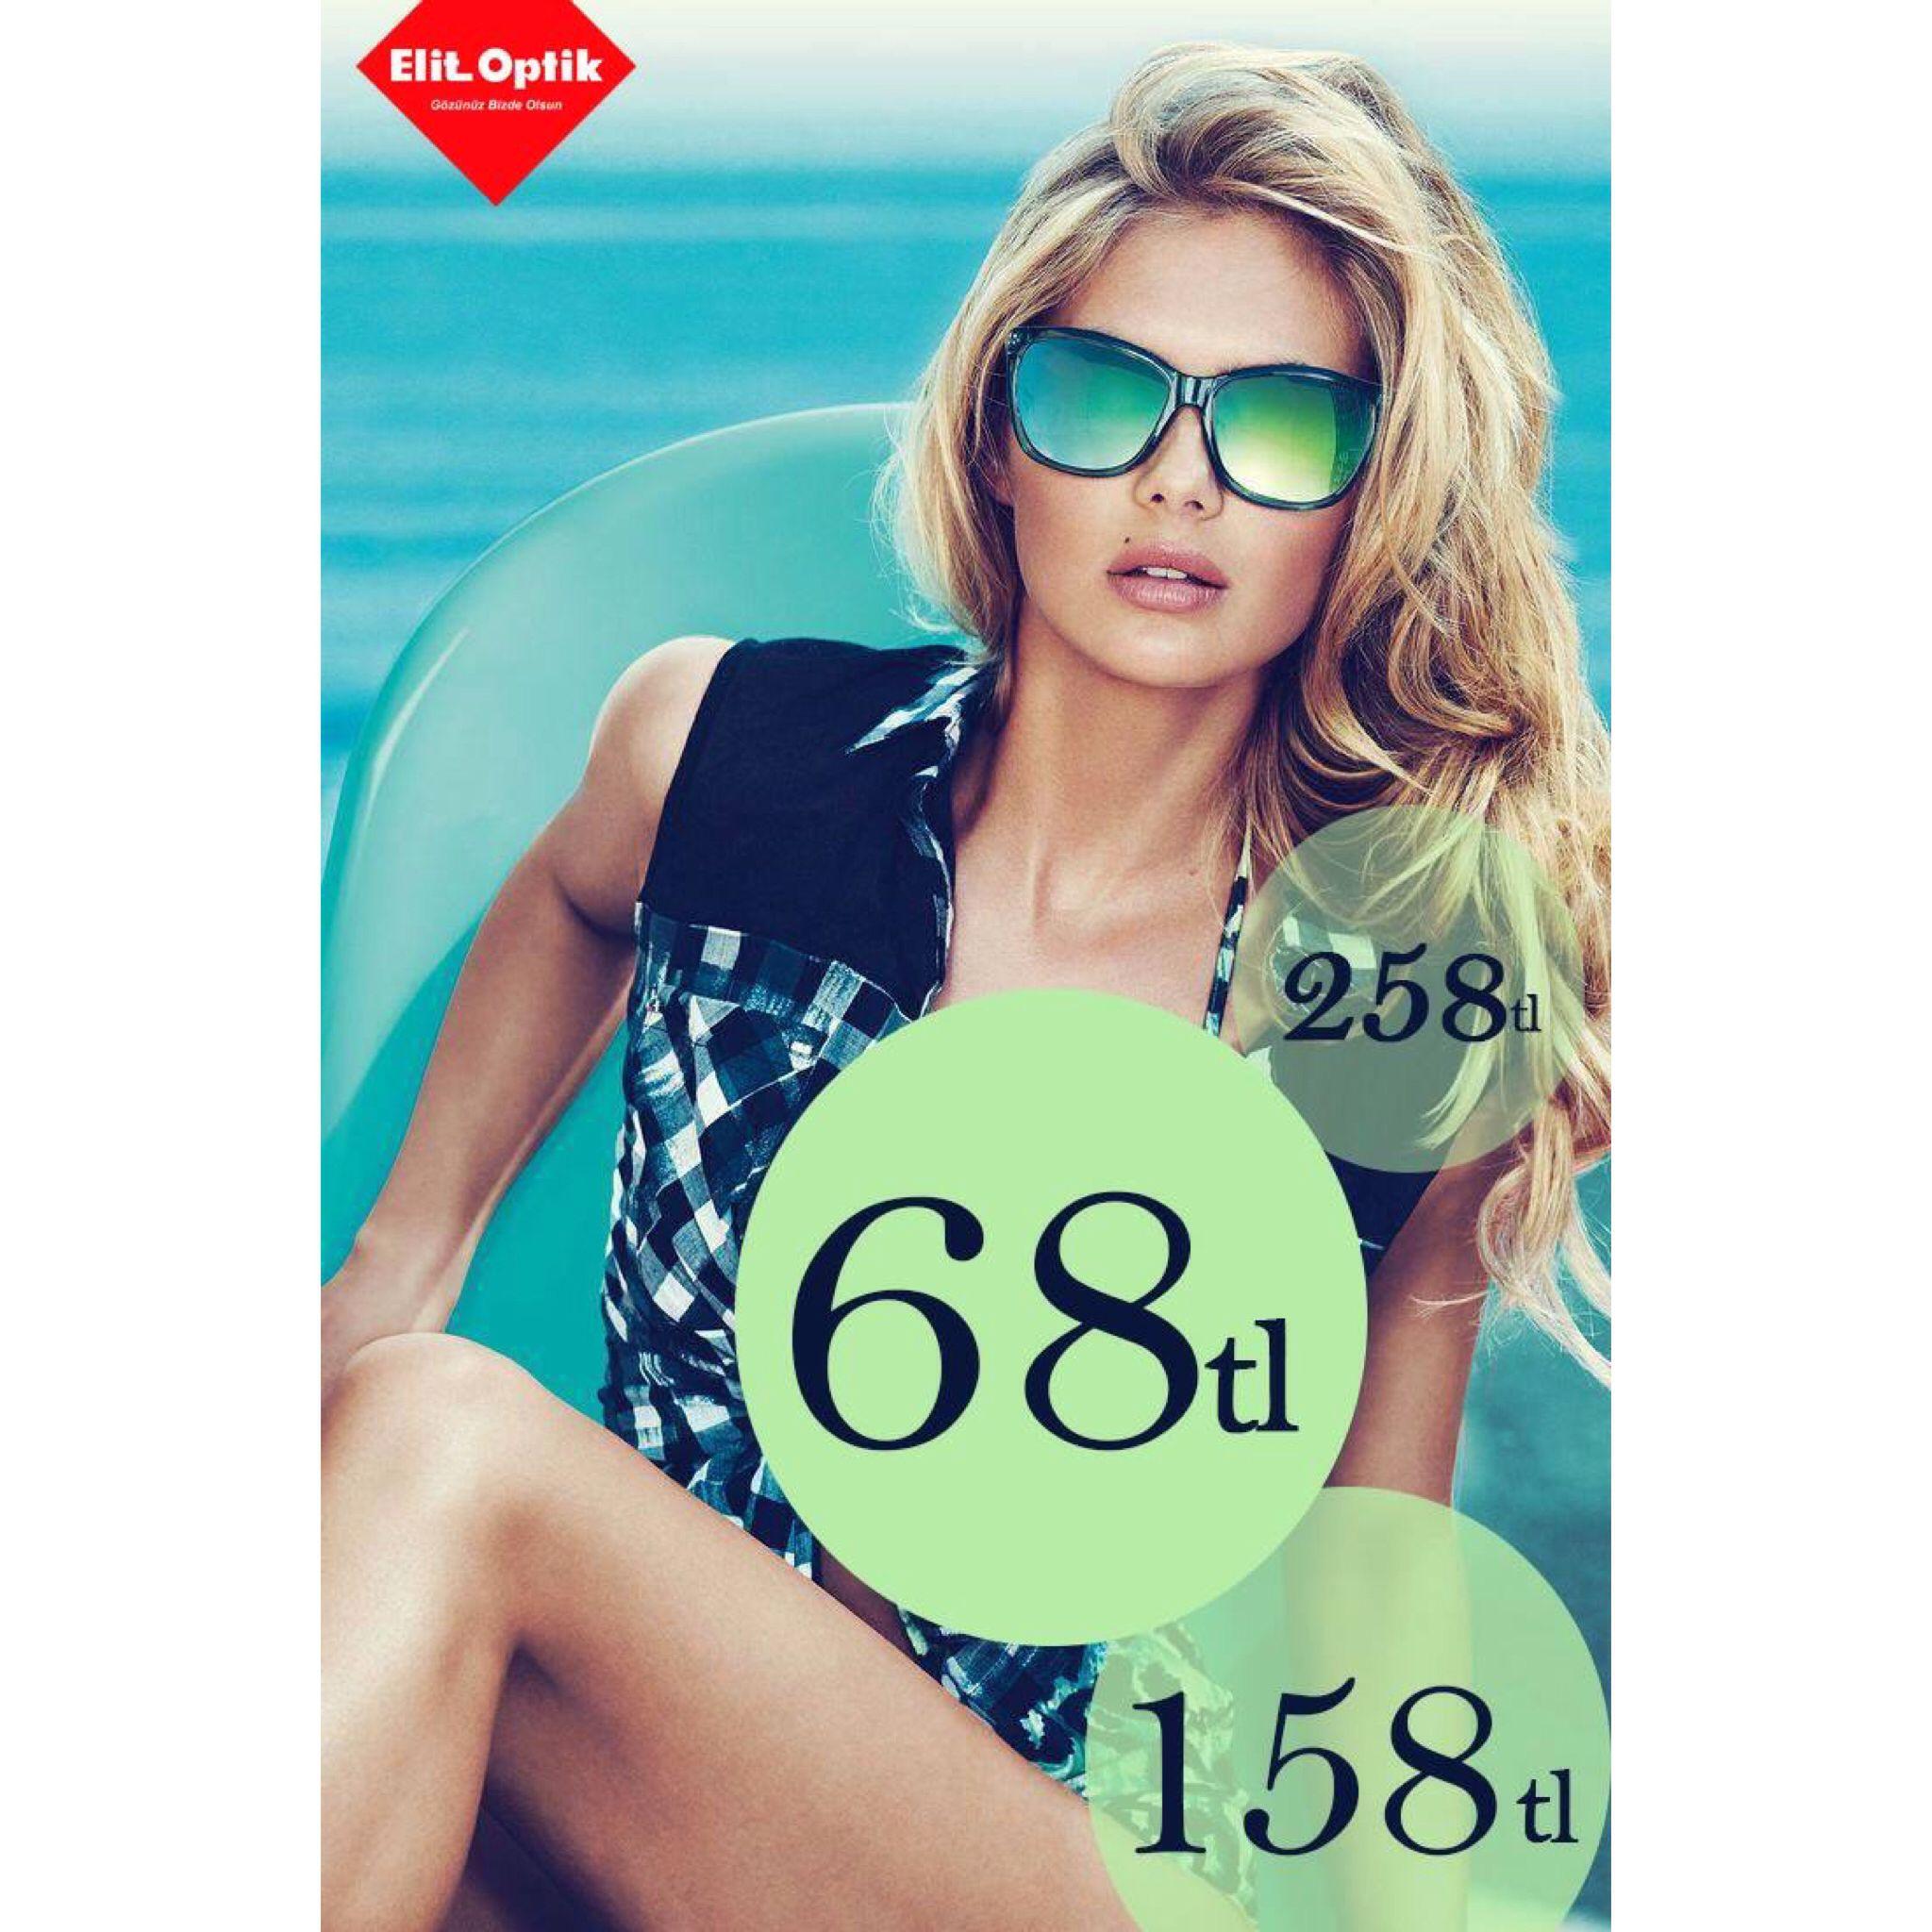 Elit Optik ile yaşasın gözlük aşkı ! İster 68 TL, İster 158 TL, İsterseniz de 258 TL  store.elitoptik.com.tr #elitoptik #istanbul #sunglasses #likes #nice #eyewear #girl #man #follow #fashion #moda #style #love #followme #fotograf #photo #happy #turkiye #smile #izmir #summer #cool #smile #beautiful #elitoptiktebüyüksezonsonuindirimibaşladı #sale